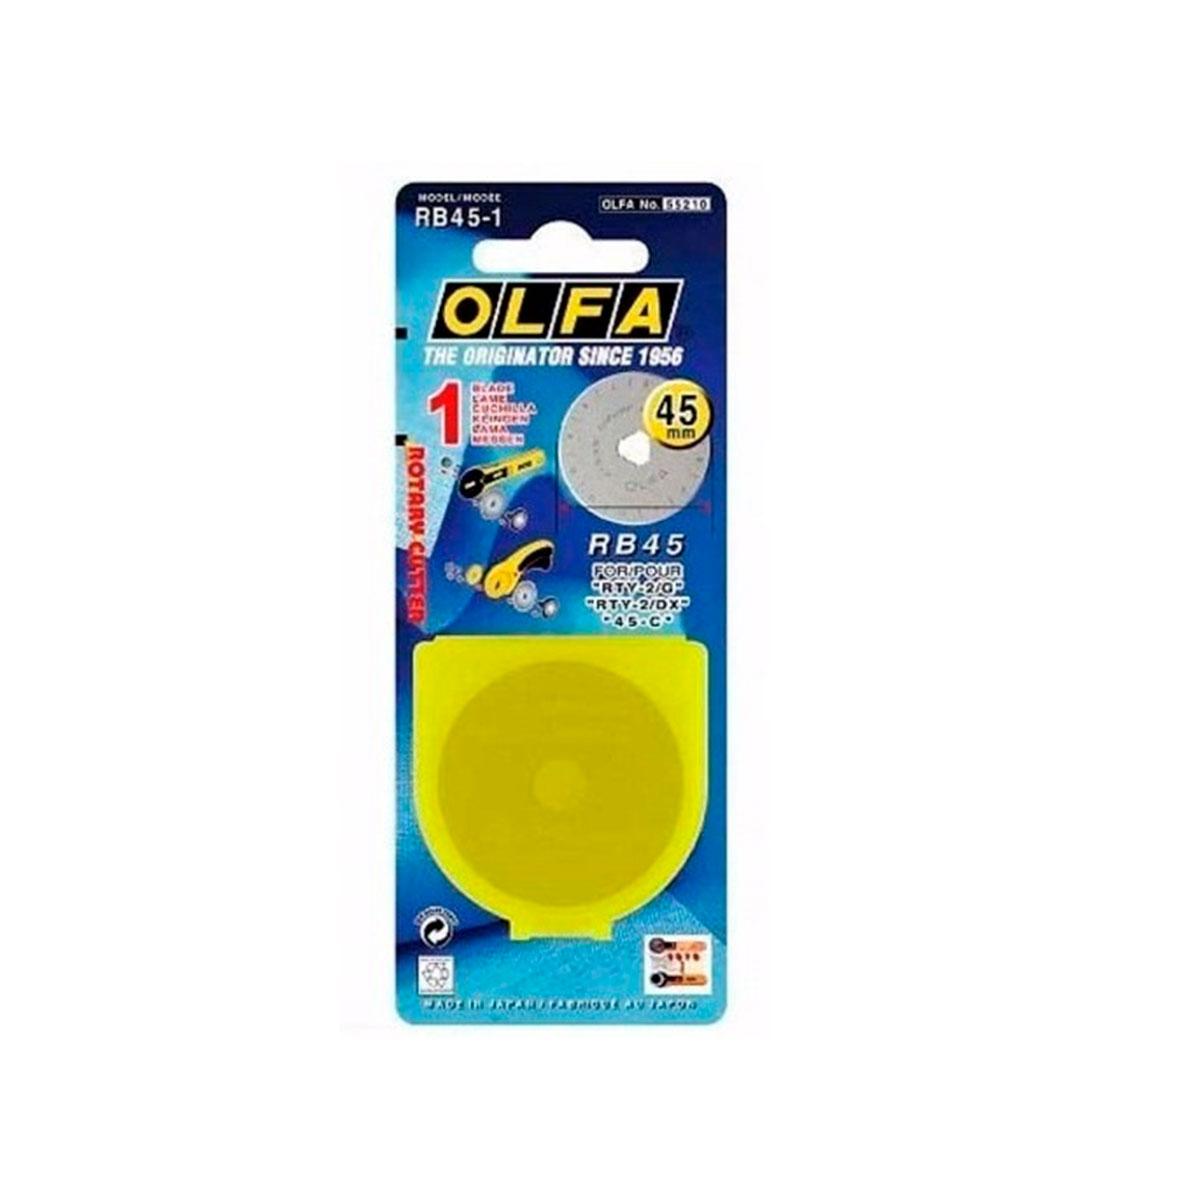 OLFRB451